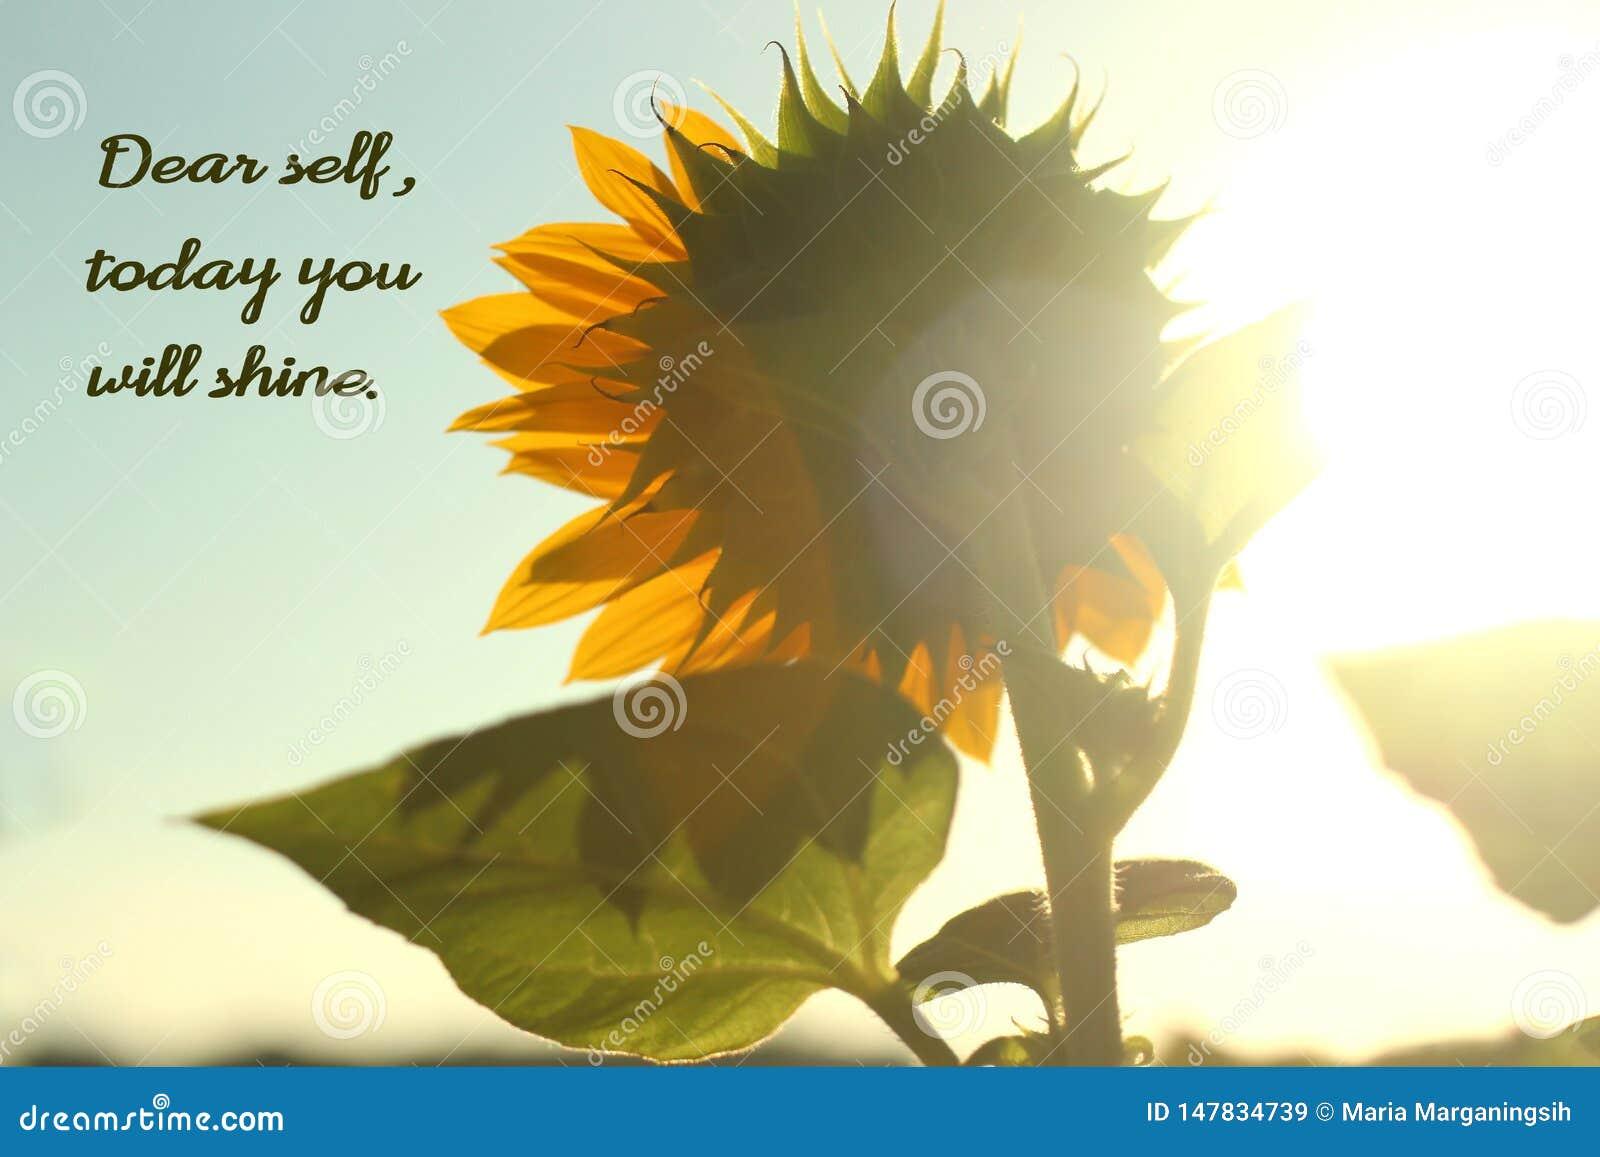 Anmärkningen till den kära själven för själven, i dag ska du skina